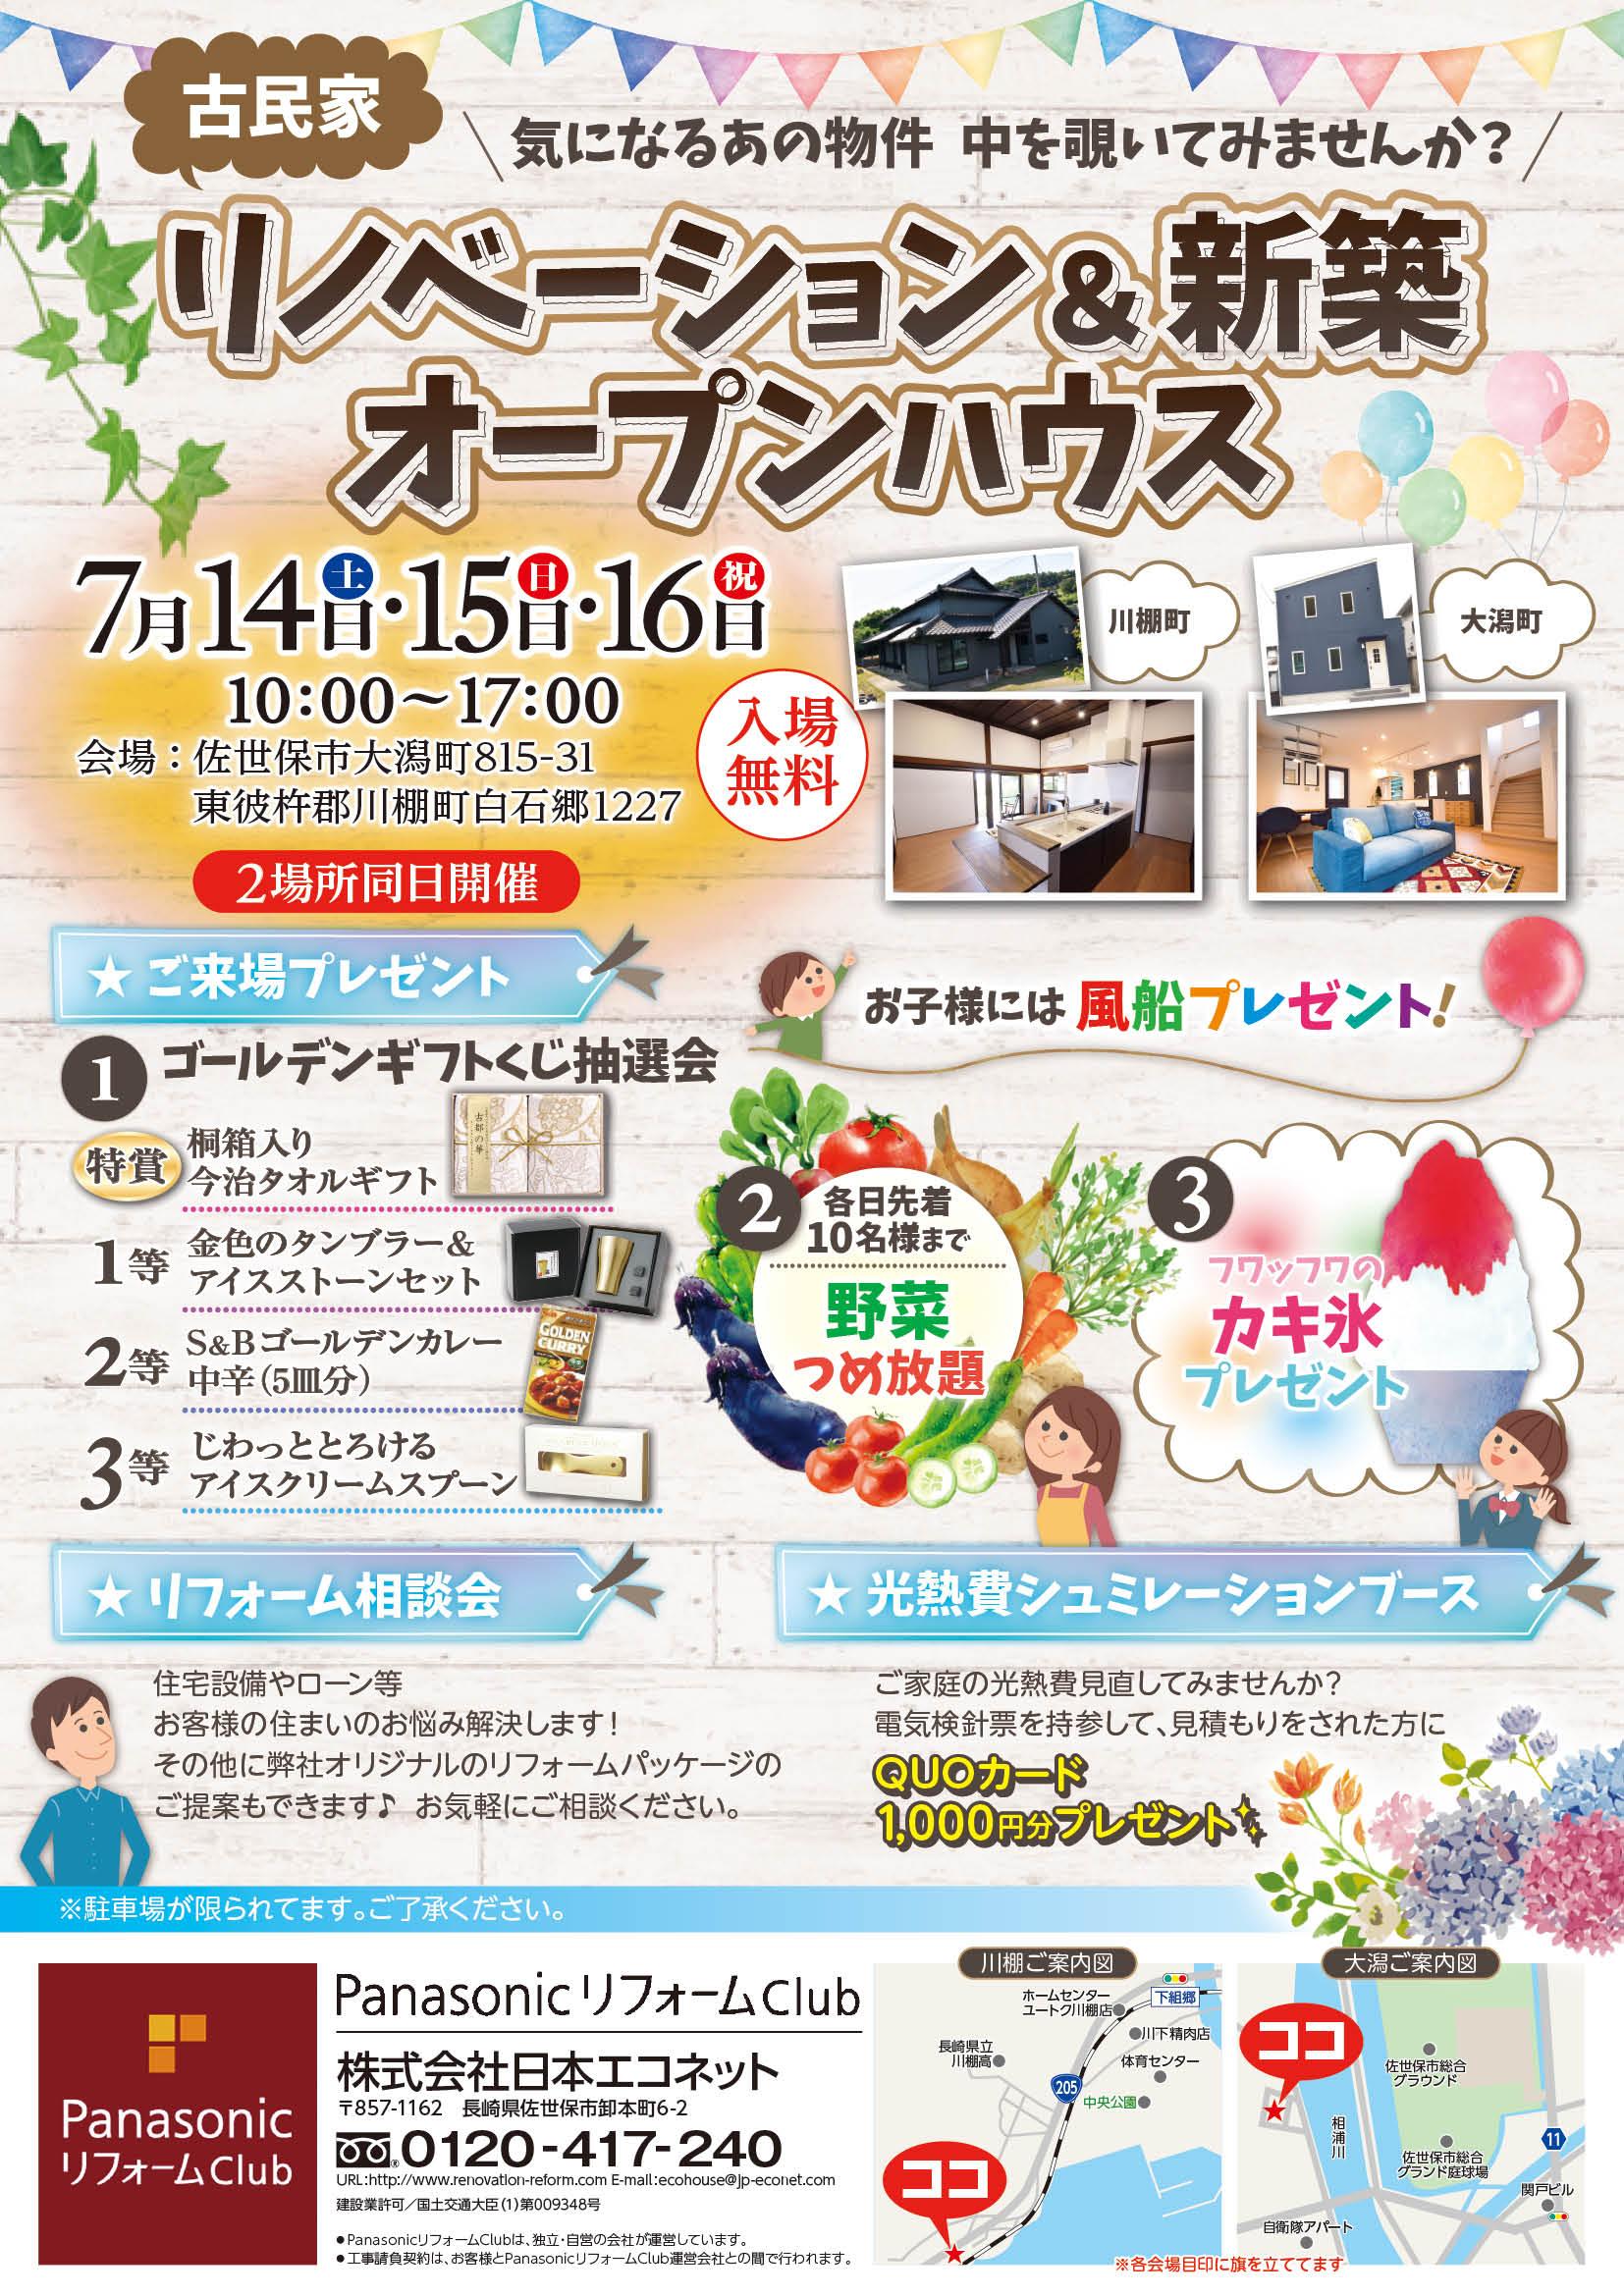 ★7月14日(土)15日(日)16日(祝)オープンハウス2場所同時開催★